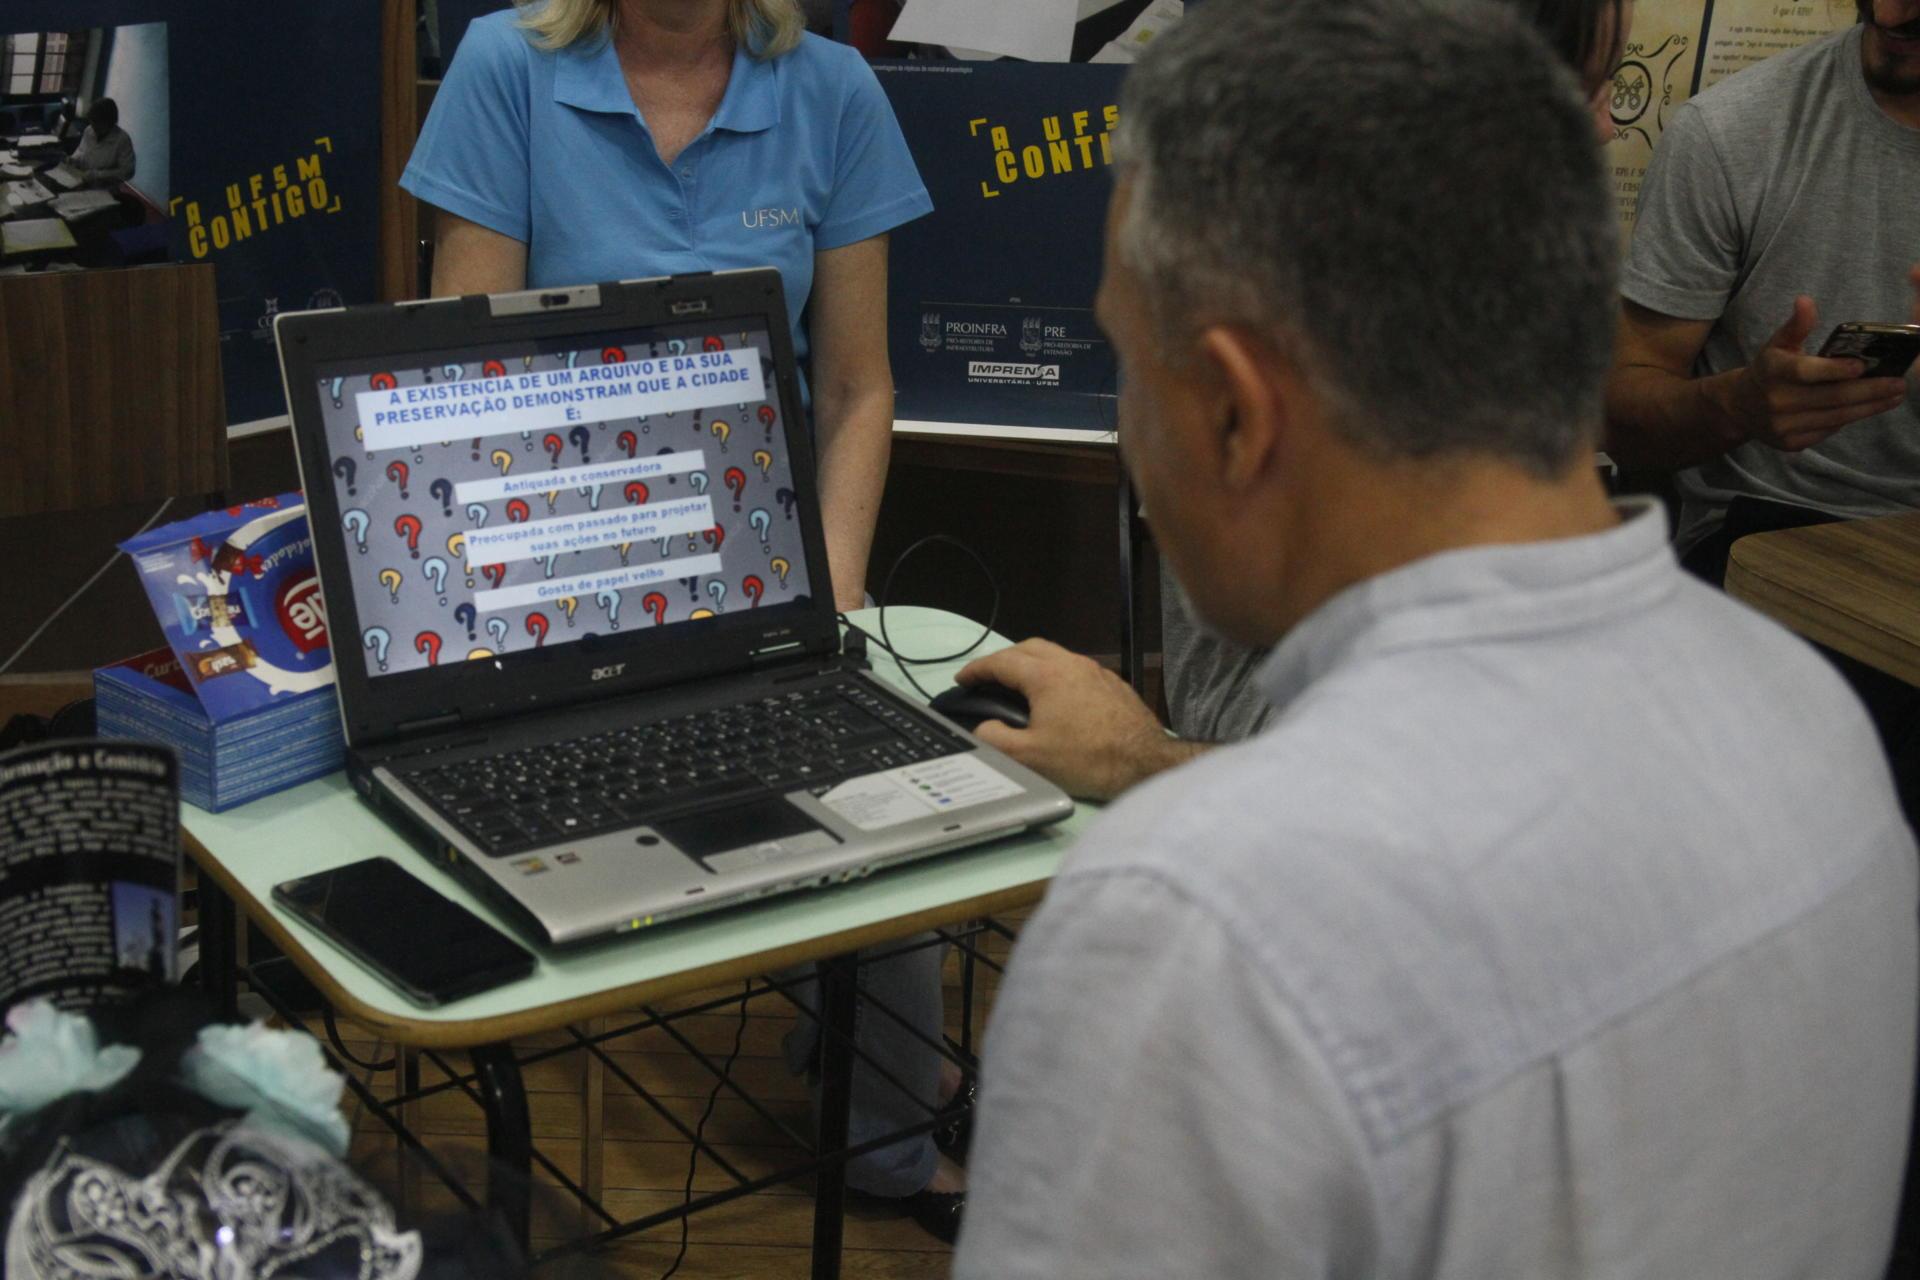 Foto colorida horizontal mostra um homem de costas usando um computador respondendo um quizz